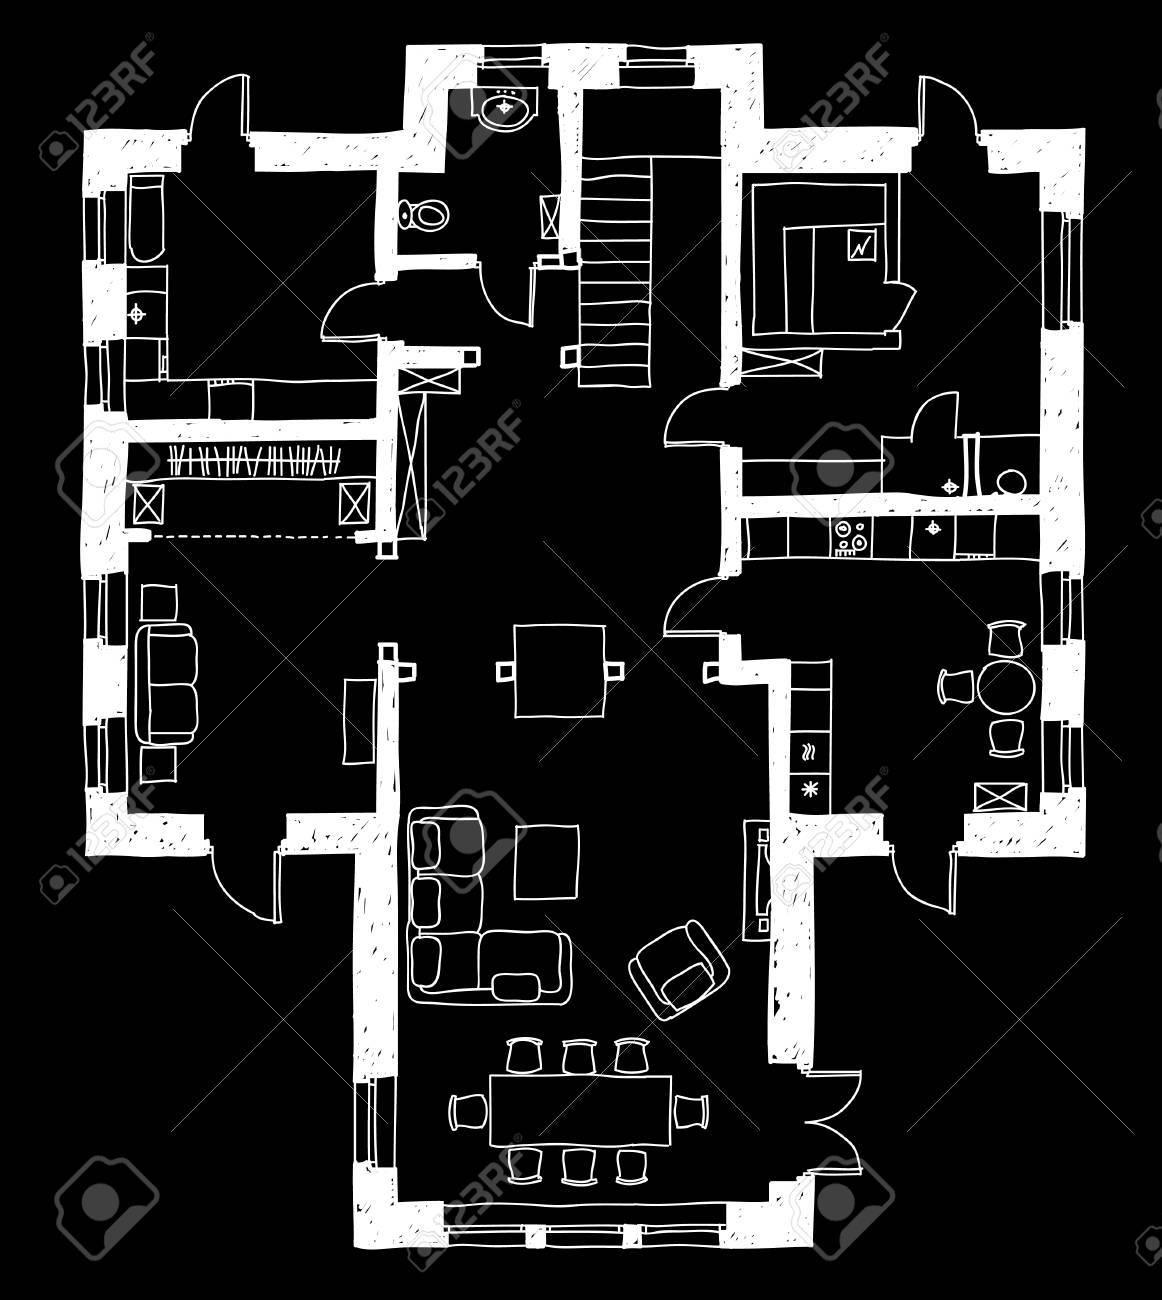 Cheap Dessin Plan Avec Des Meubles En Noir Banque D With Comment Dessiner  Un Plan D Architecte